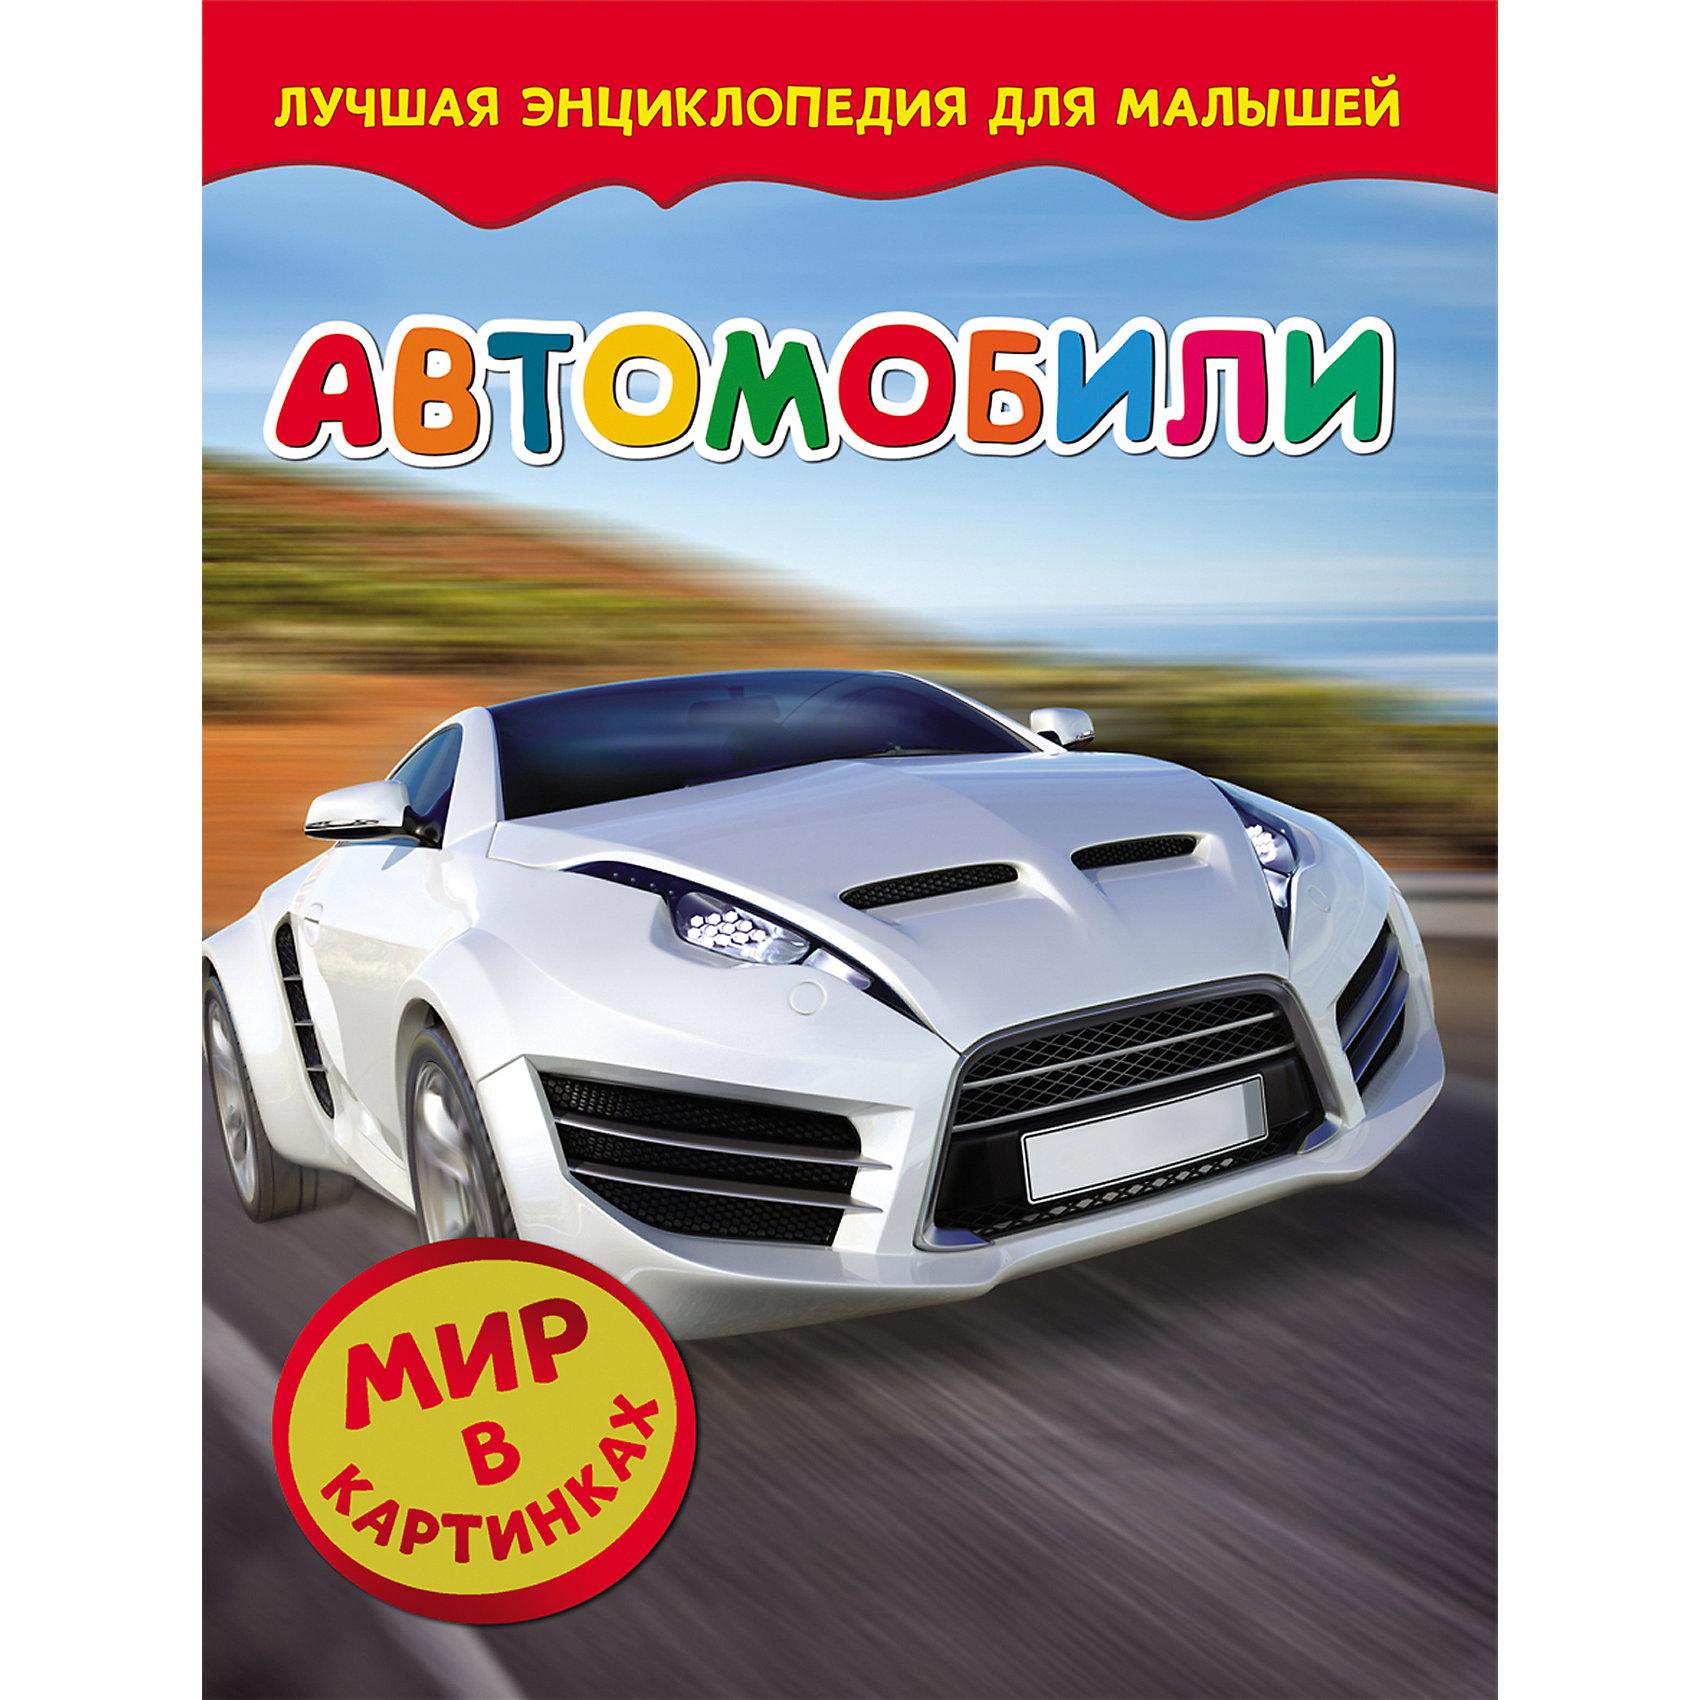 Росмэн Автомобили, Мир в картинках